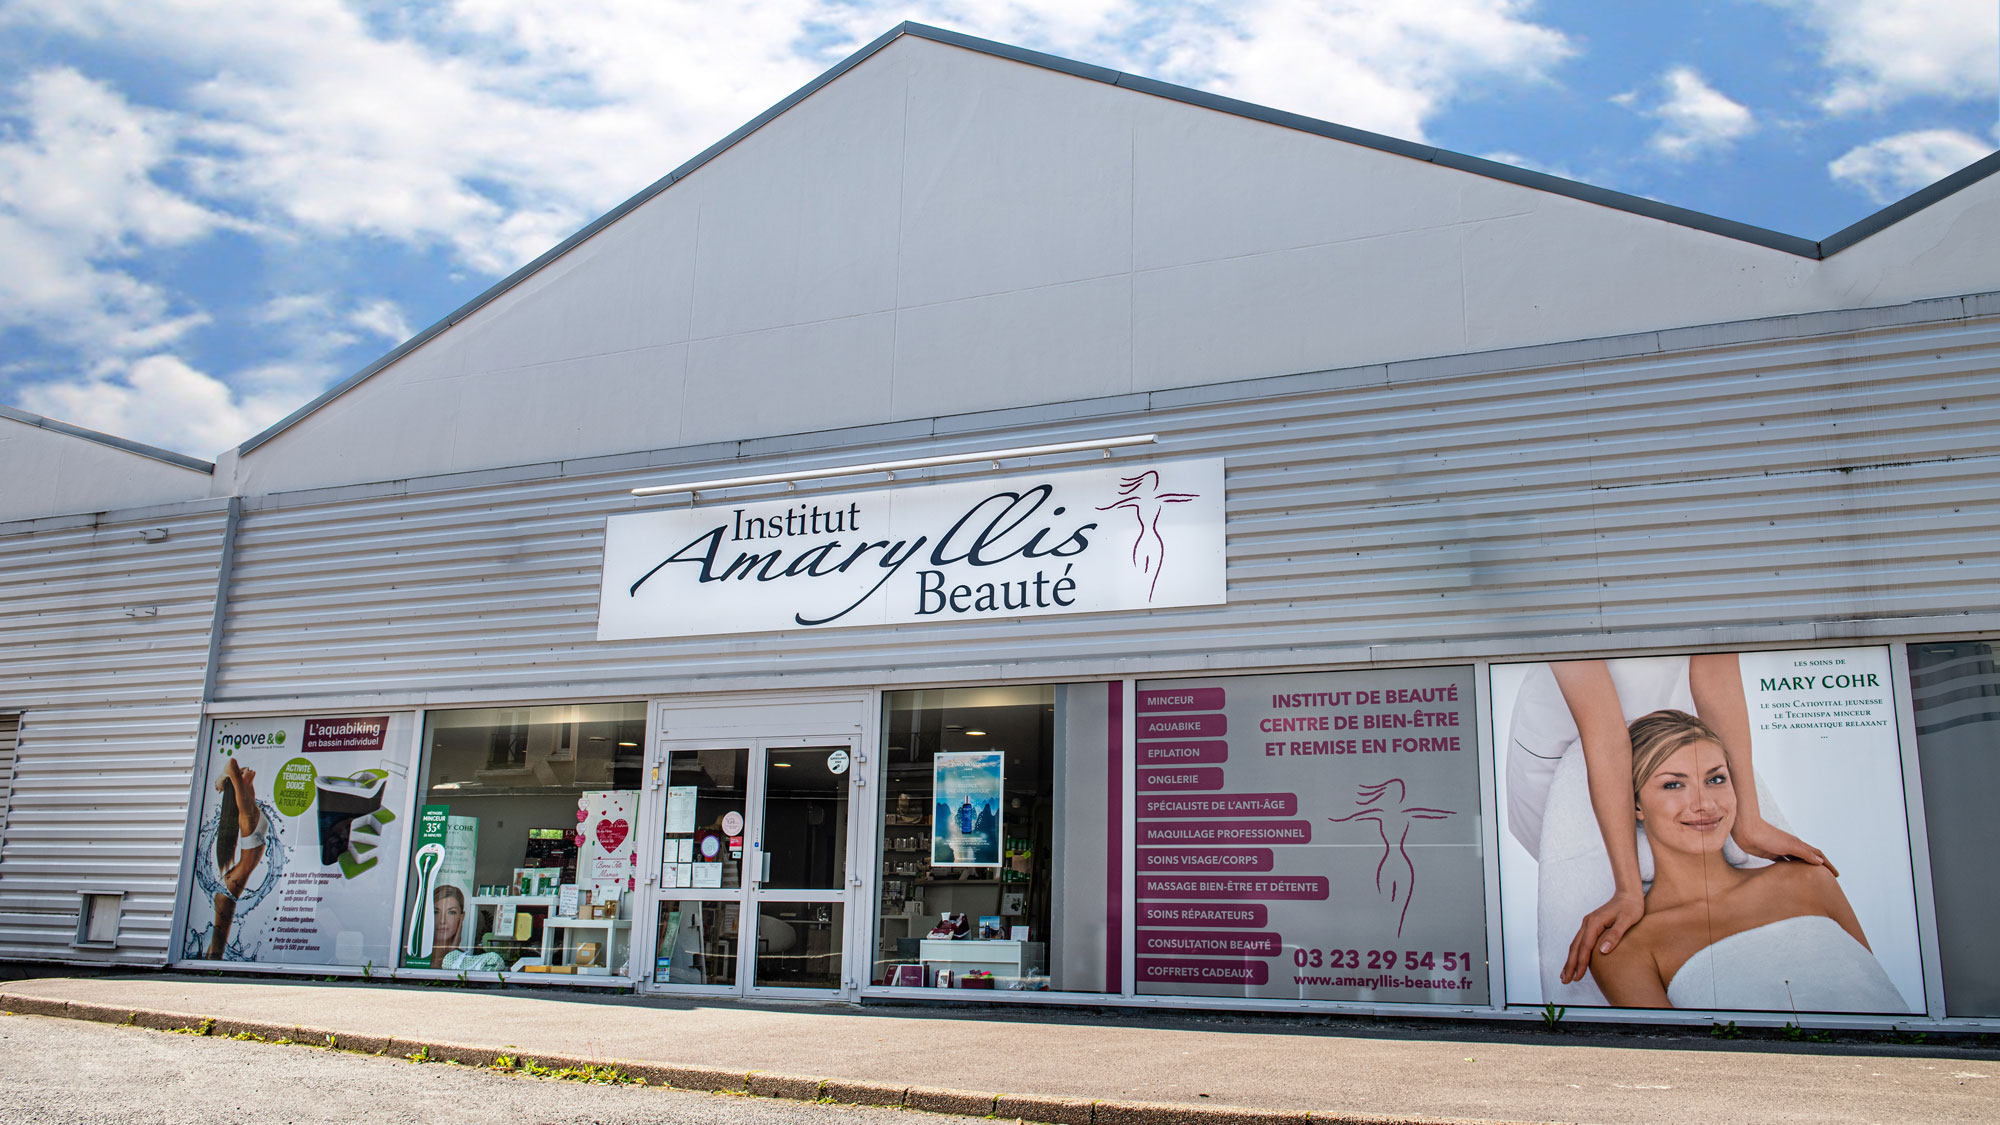 Institut de beauté Amaryllis à Laon - Aisne